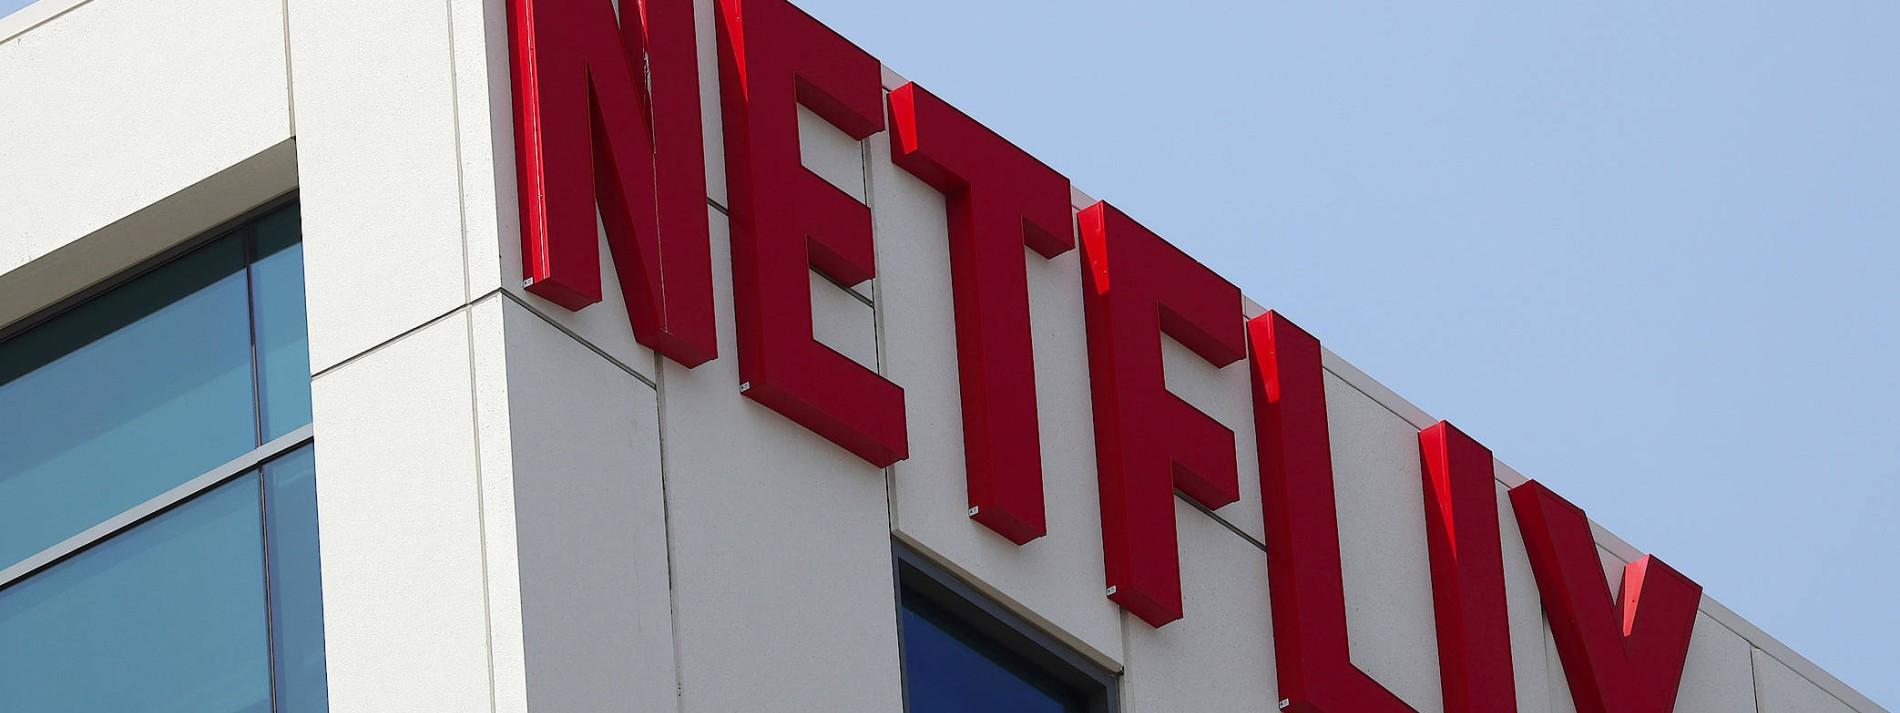 Mehr als 200 Millionen Menschen auf der Welt schauen Netflix